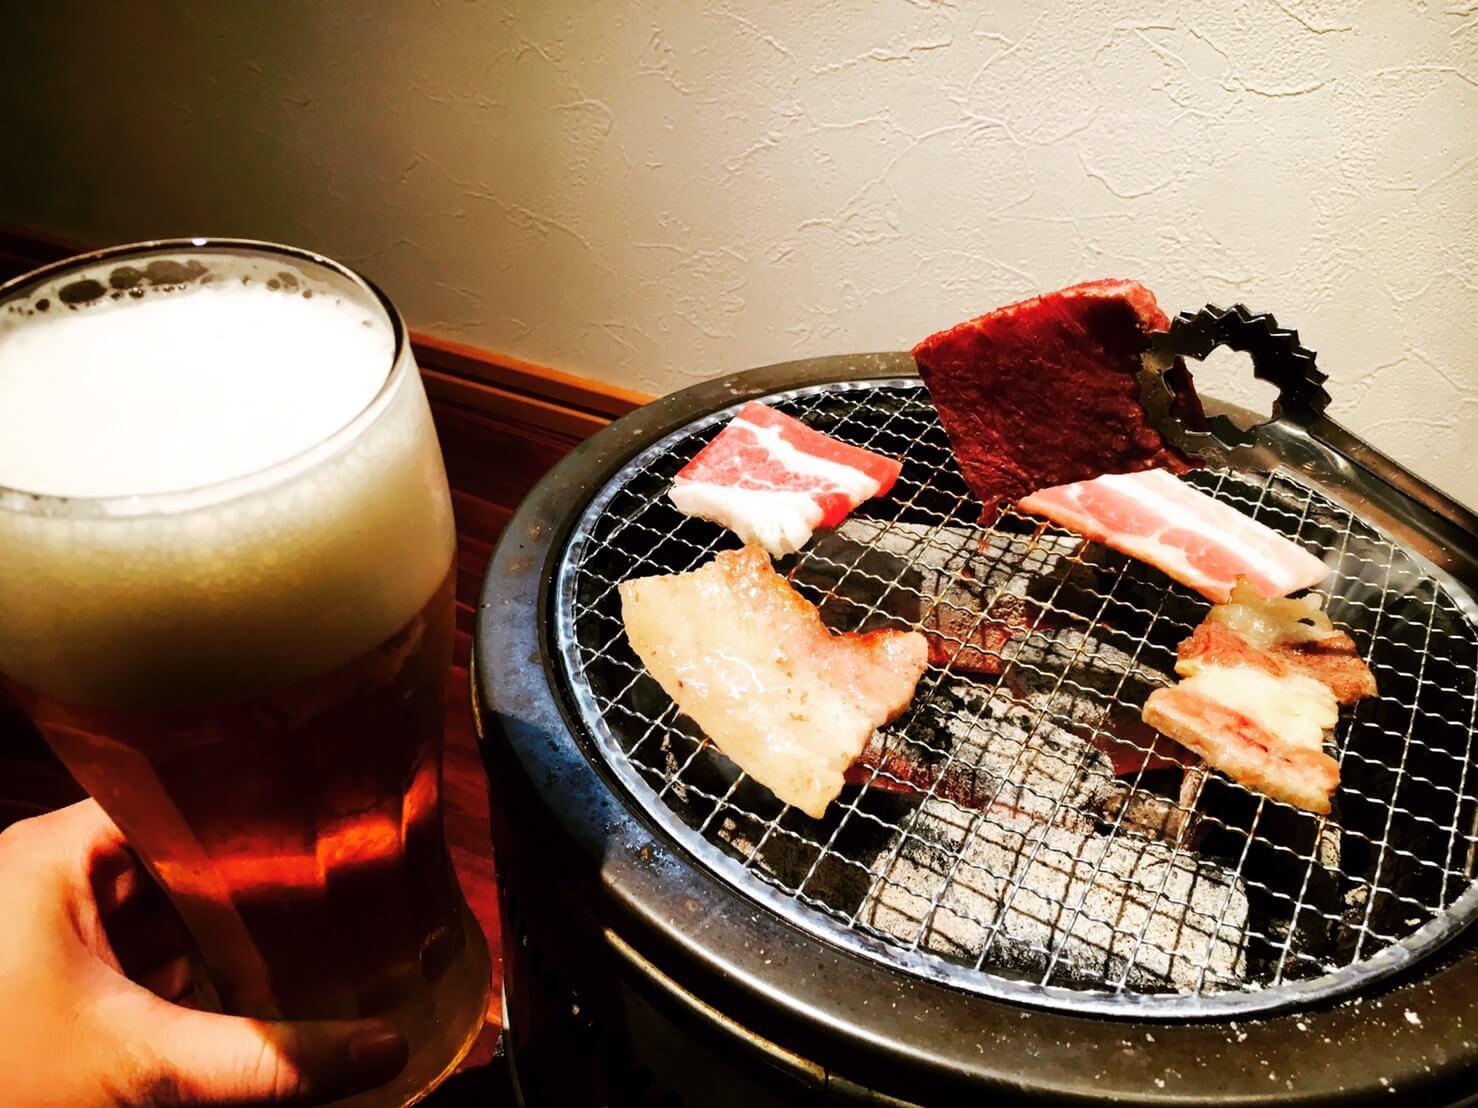 【sumibiyaki iroha(炭焼きいろは)】カフェみたいな焼肉屋さん。コスパ抜群の食べ放題で女子会やデートにもオススメ。